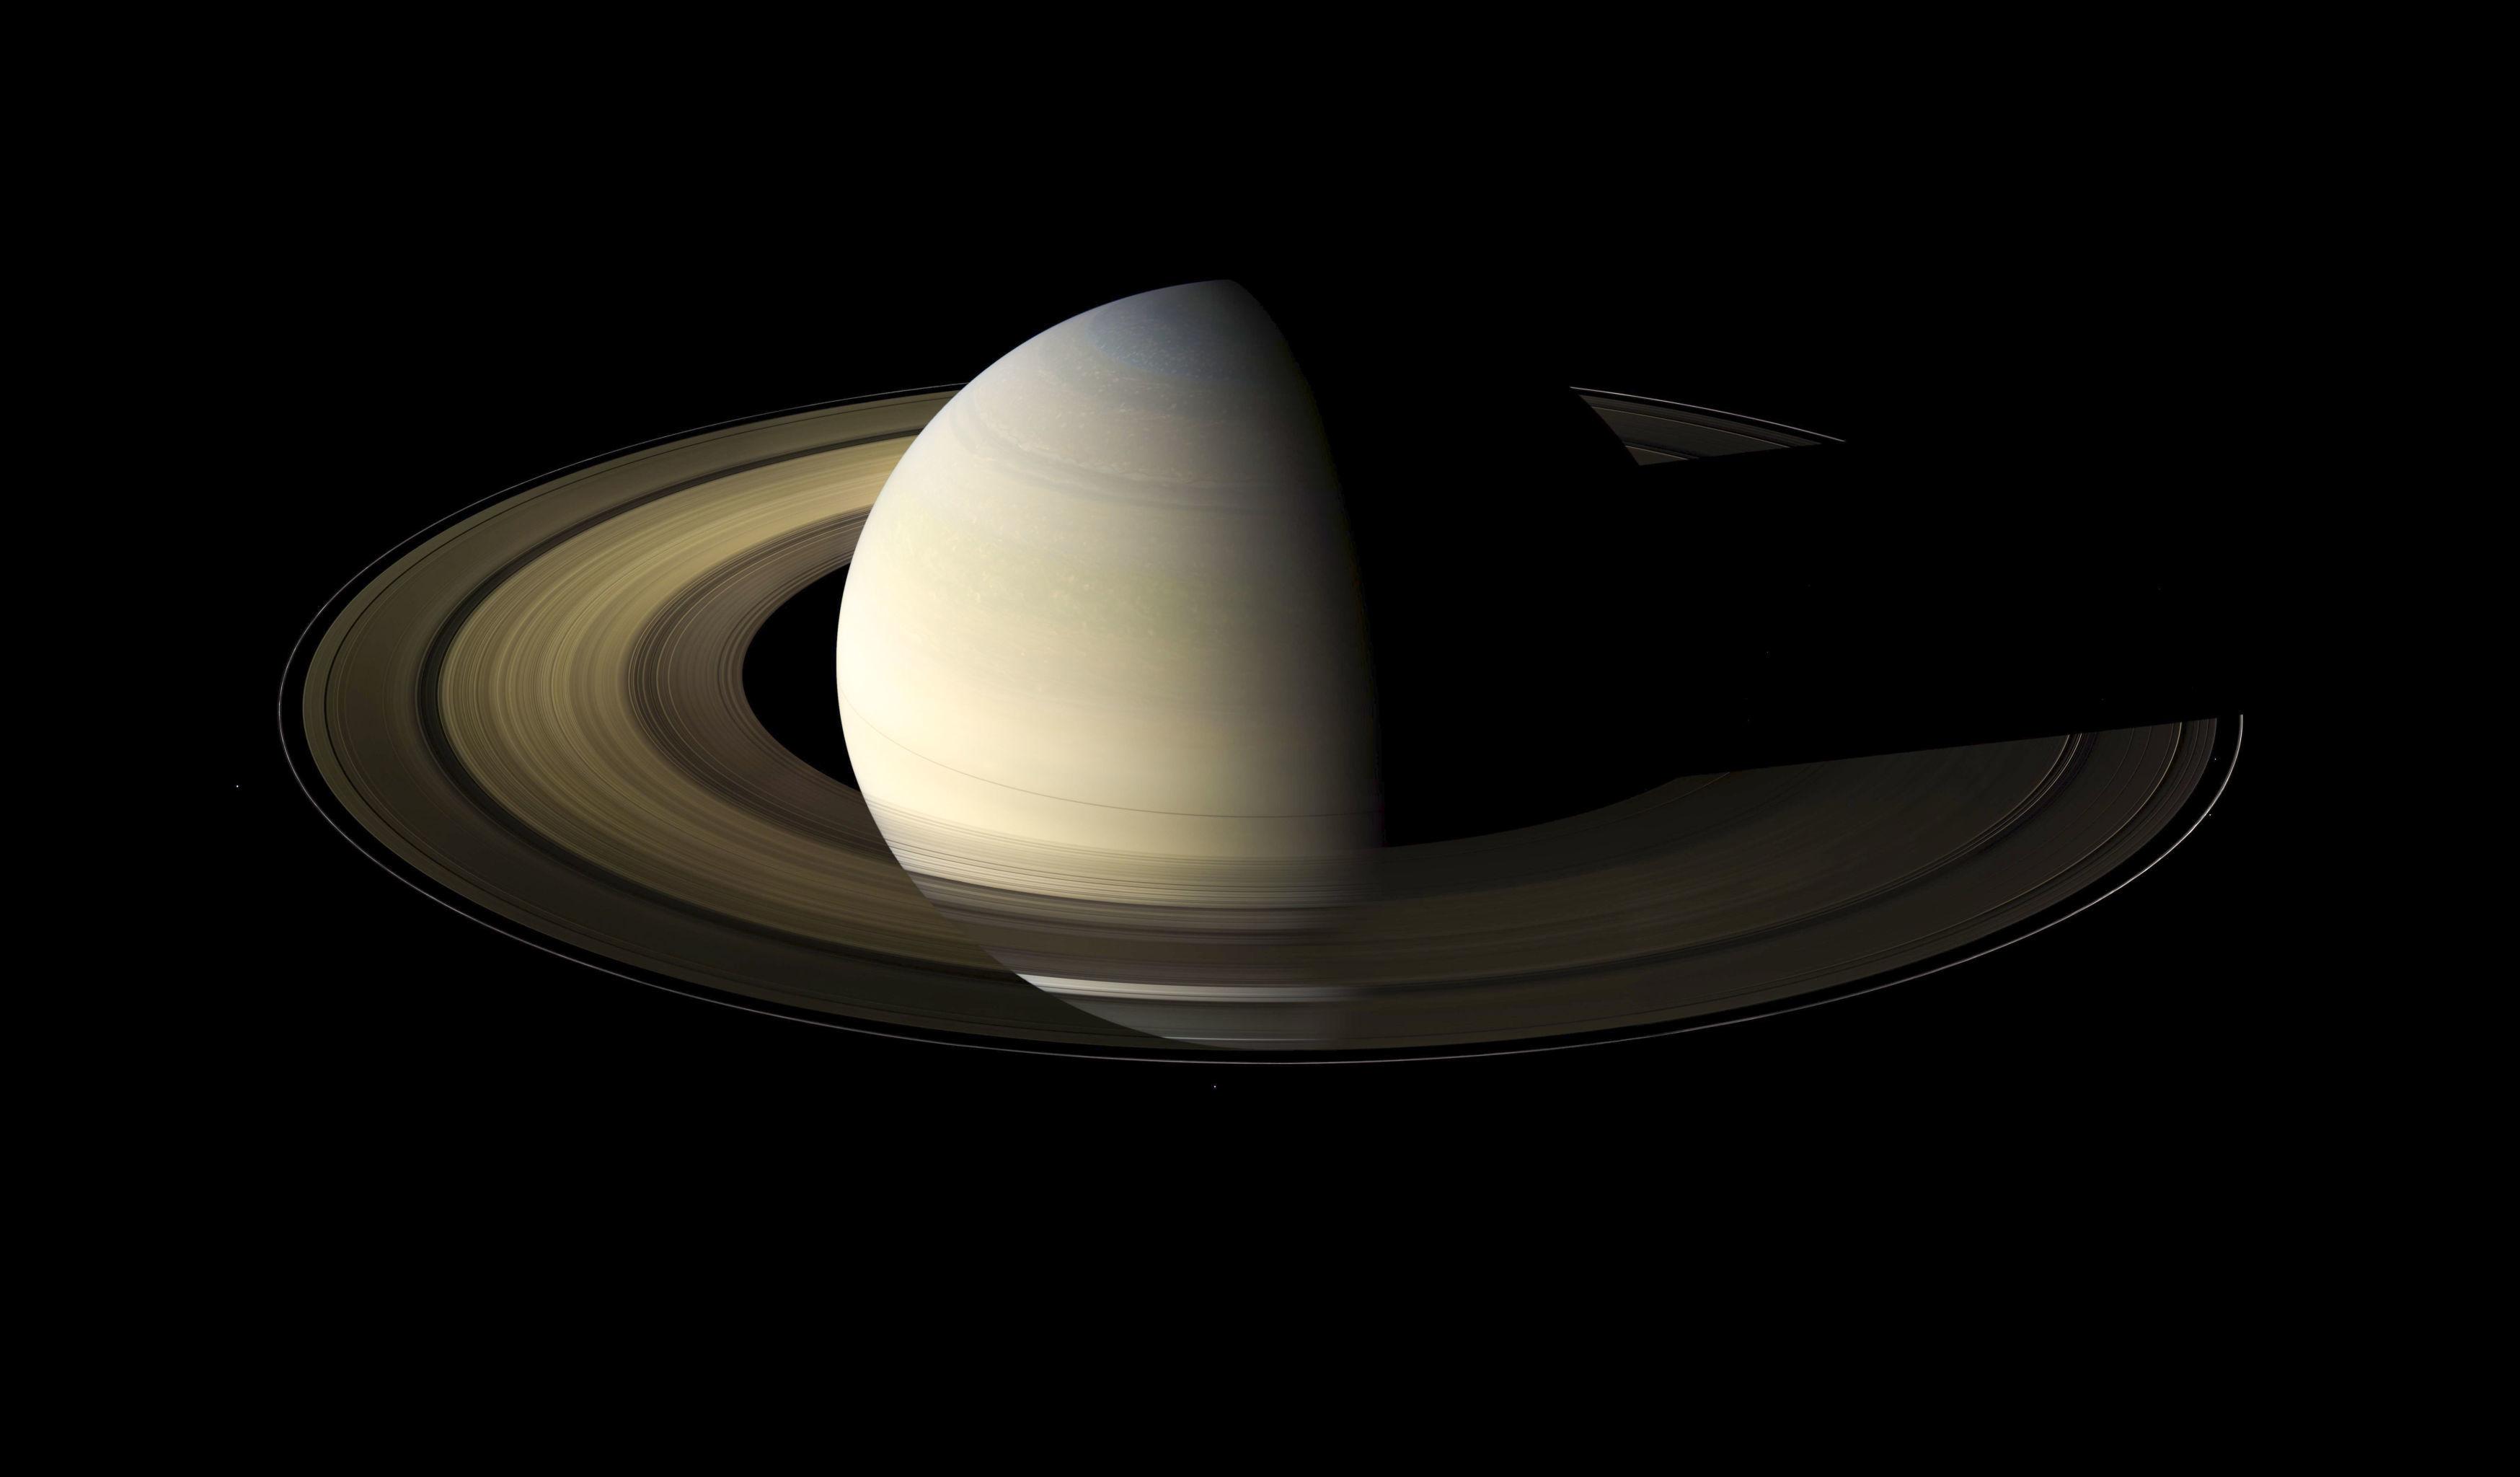 Saturno capturado pela sonda Cassini